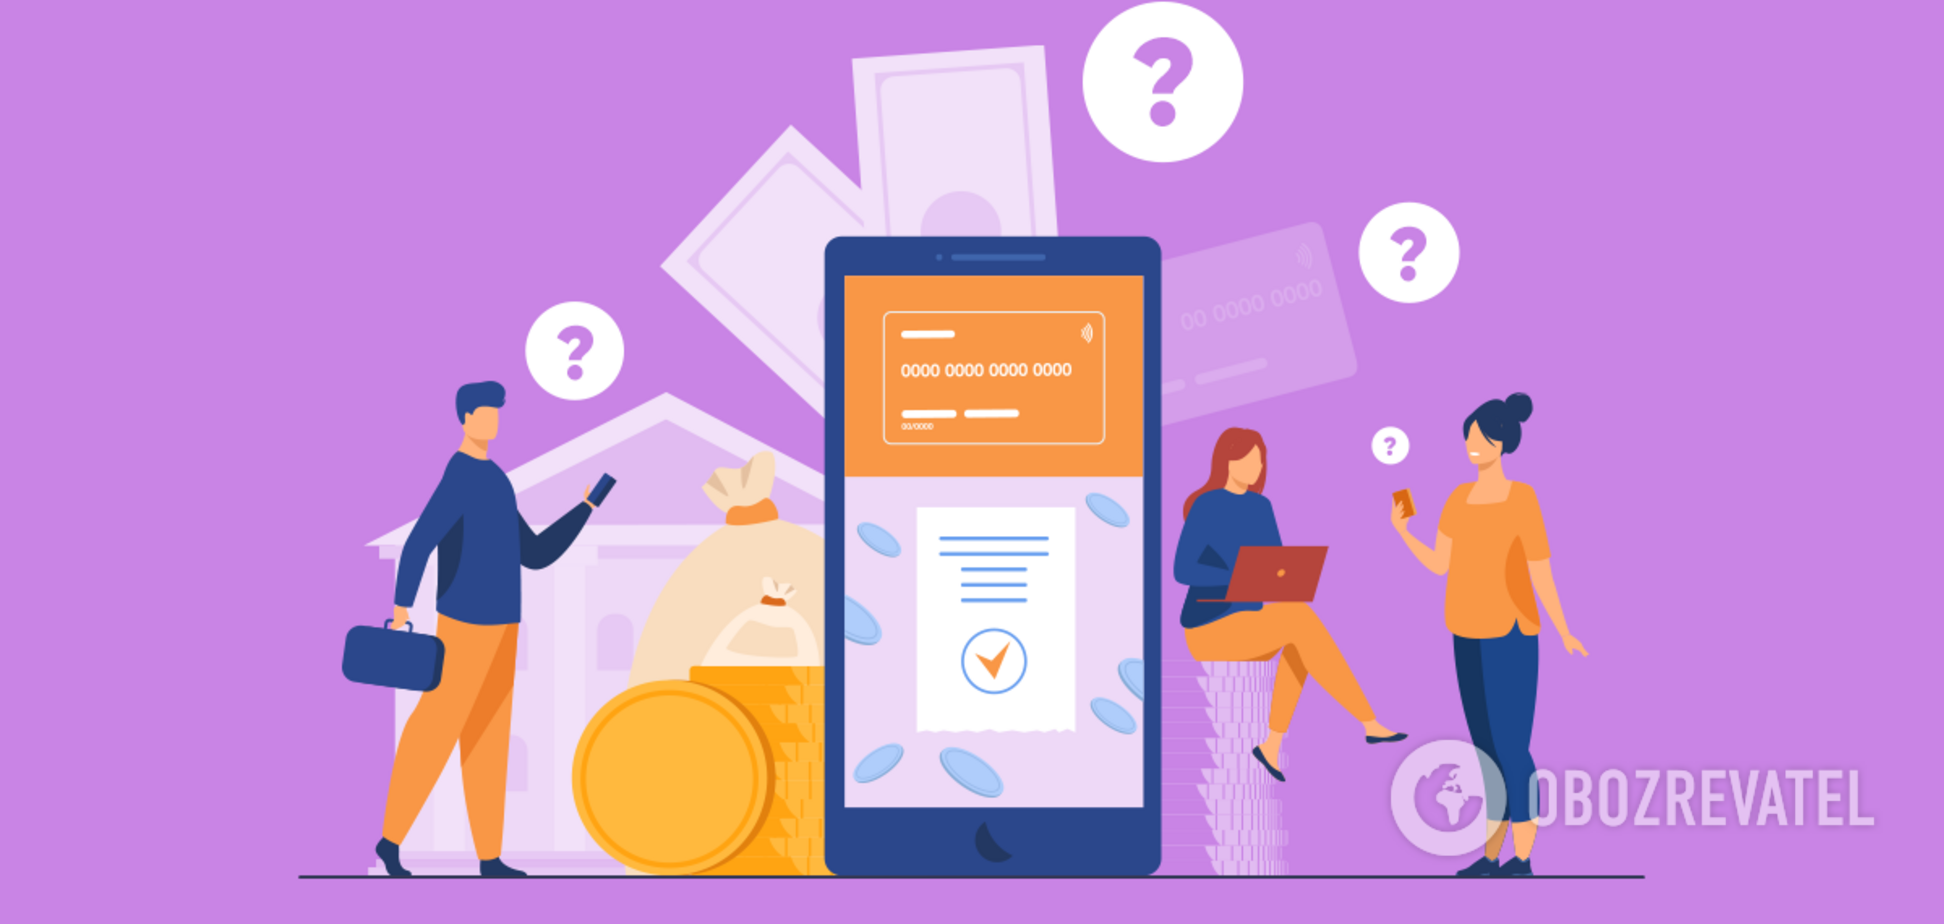 Обратная сторона цифрового банкинга: какие трудности возникают у пользователя